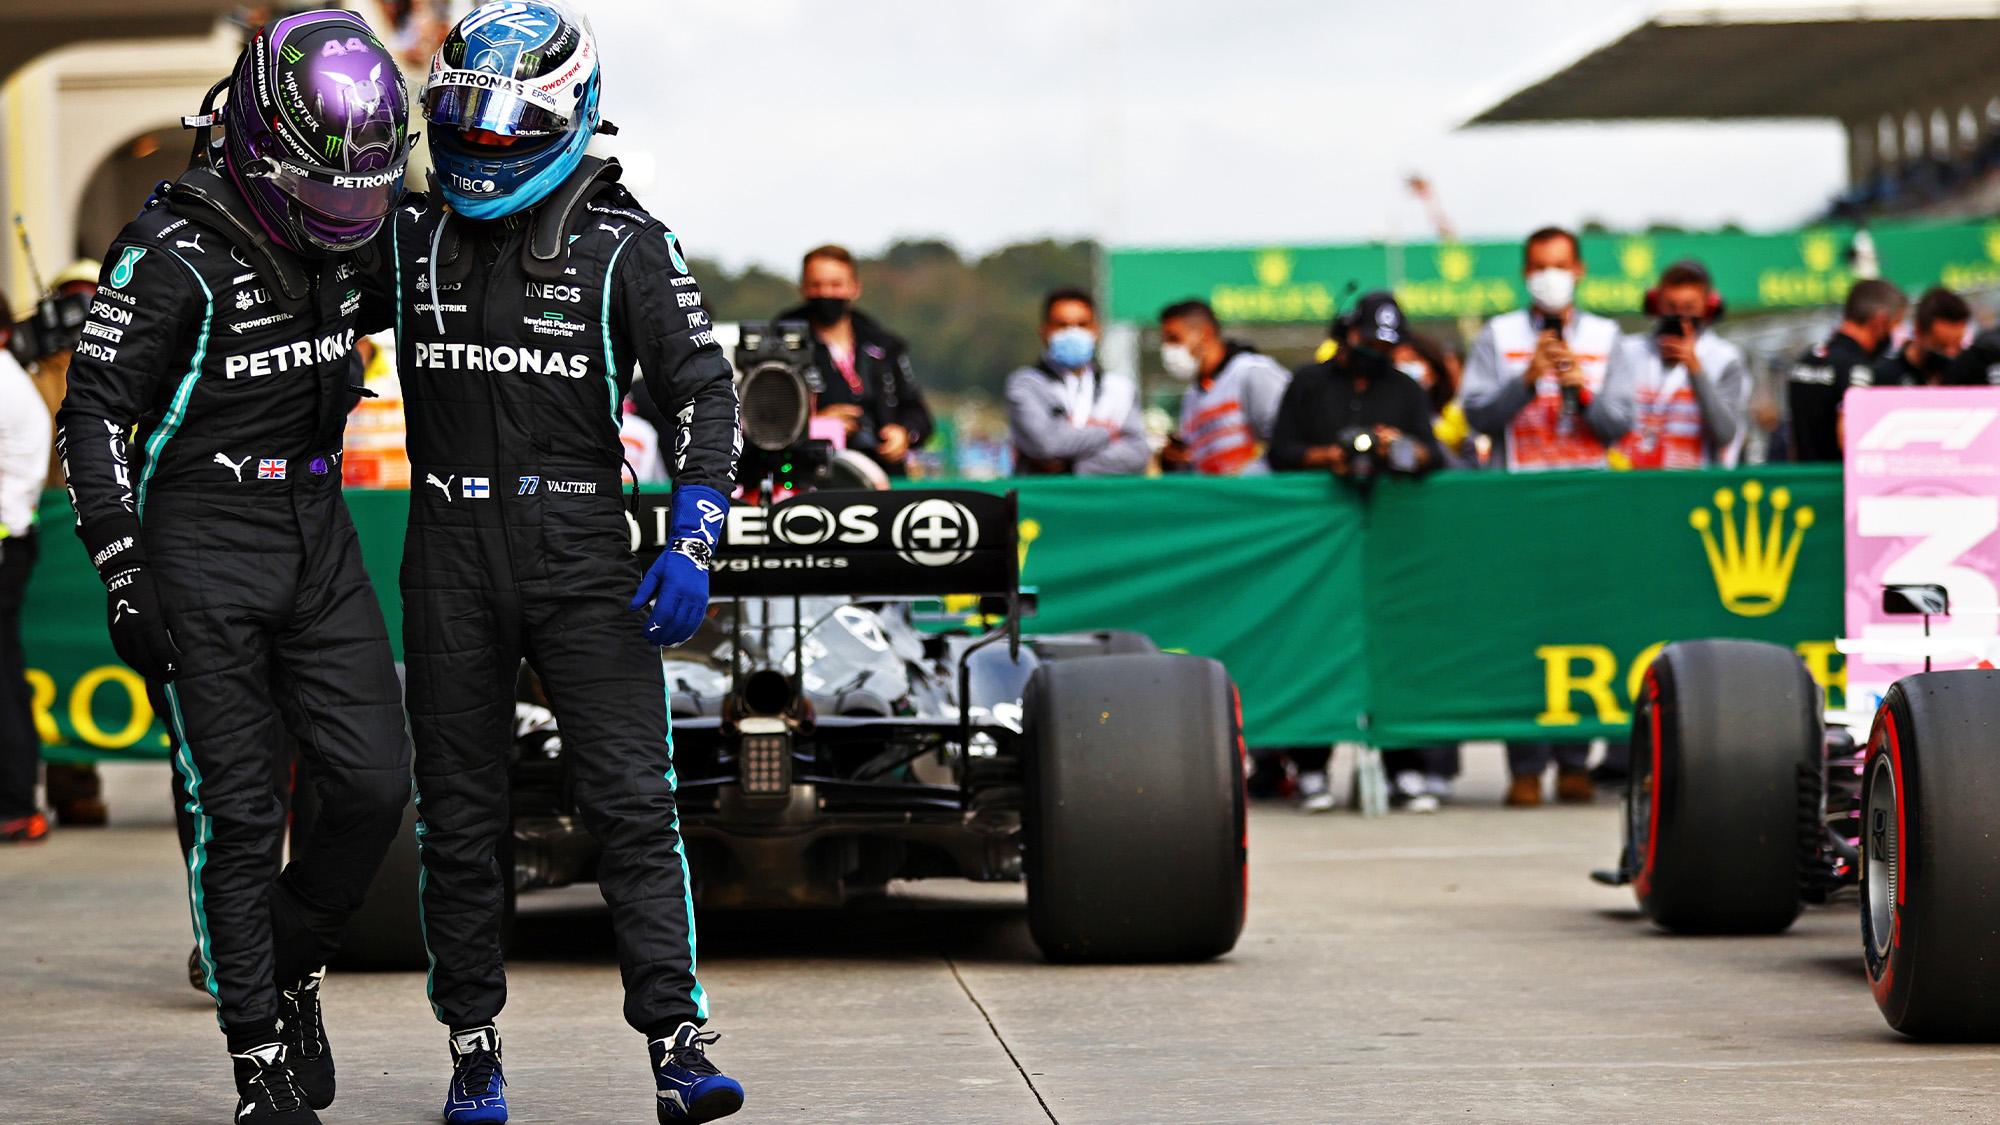 Lewis Hamilton puts his arm round Valtteri Bottas